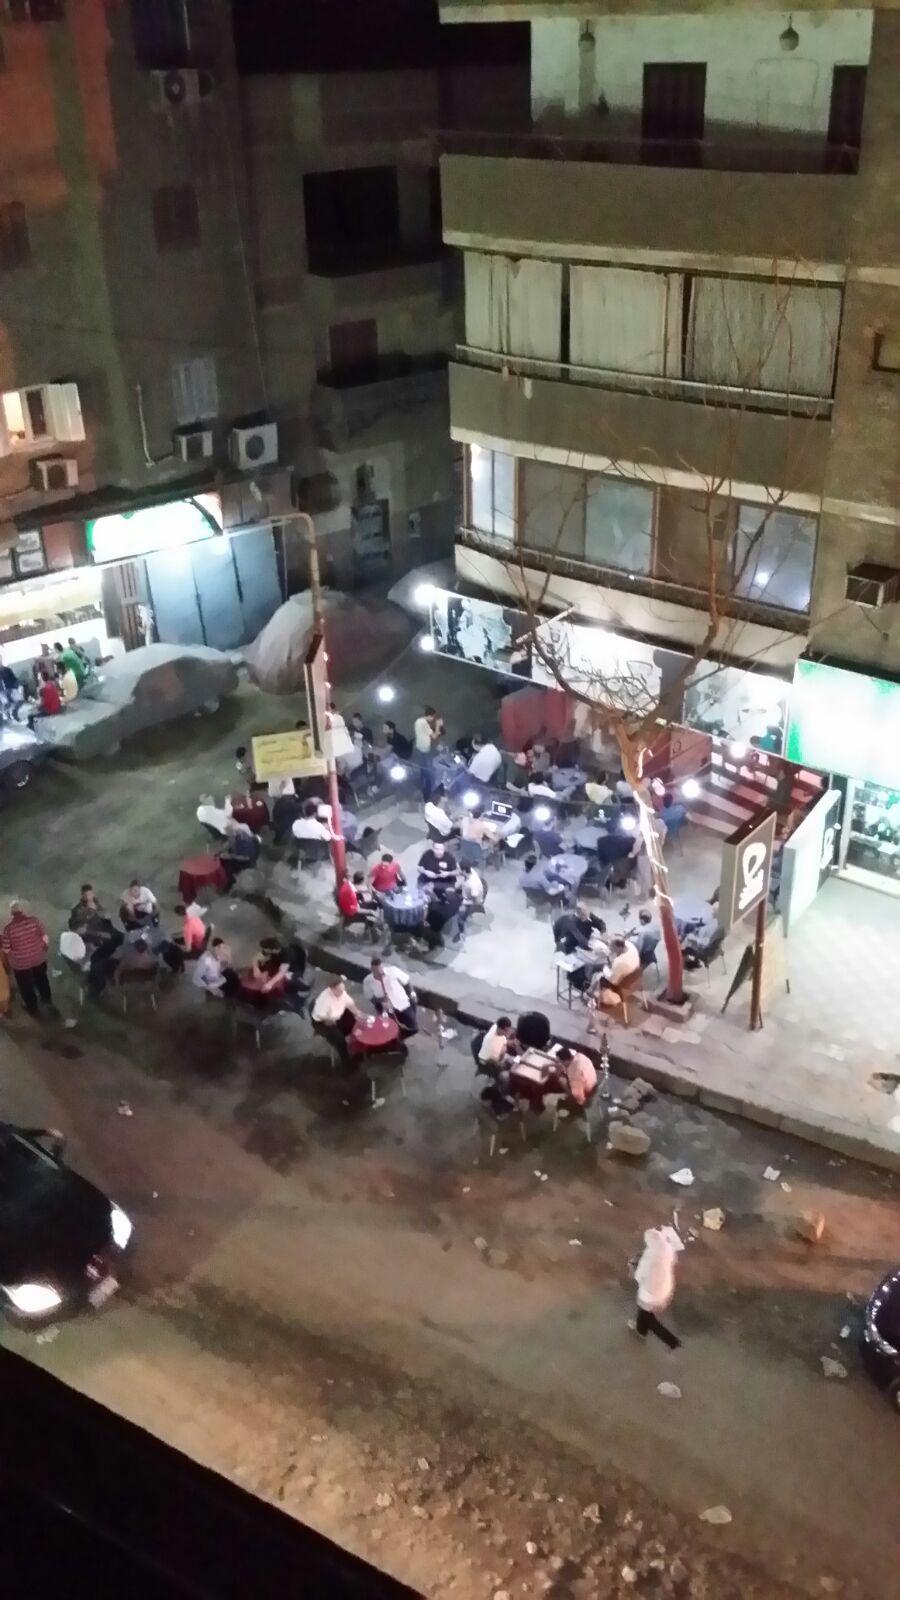 مقاهي في شارع سهل حمزة تتسببب في إزعاج الأهالي